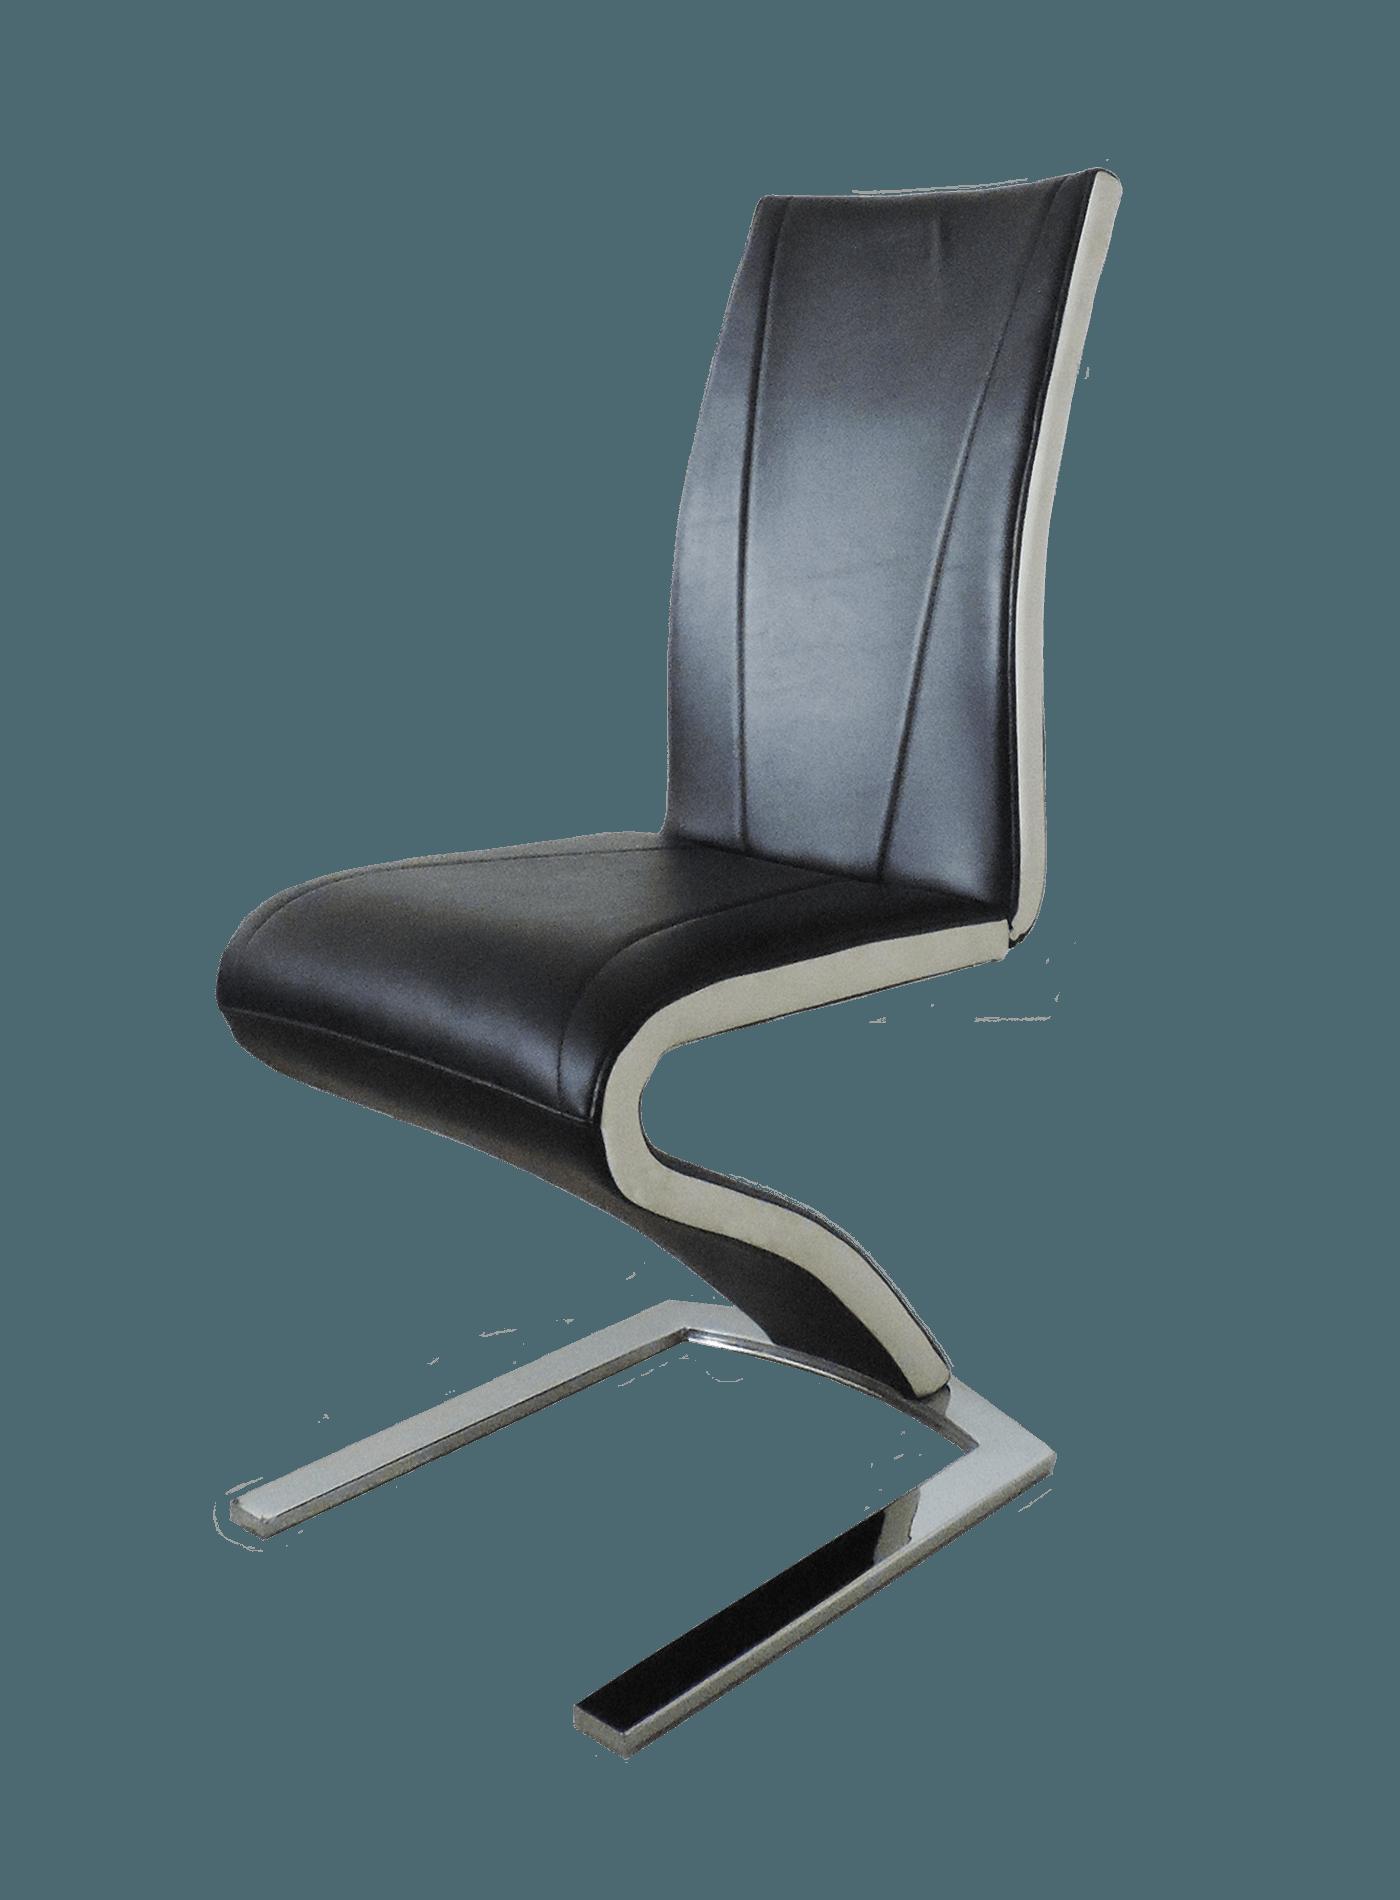 Silla comedor c 4313 muebles arteco for Sillas de comedor 2016